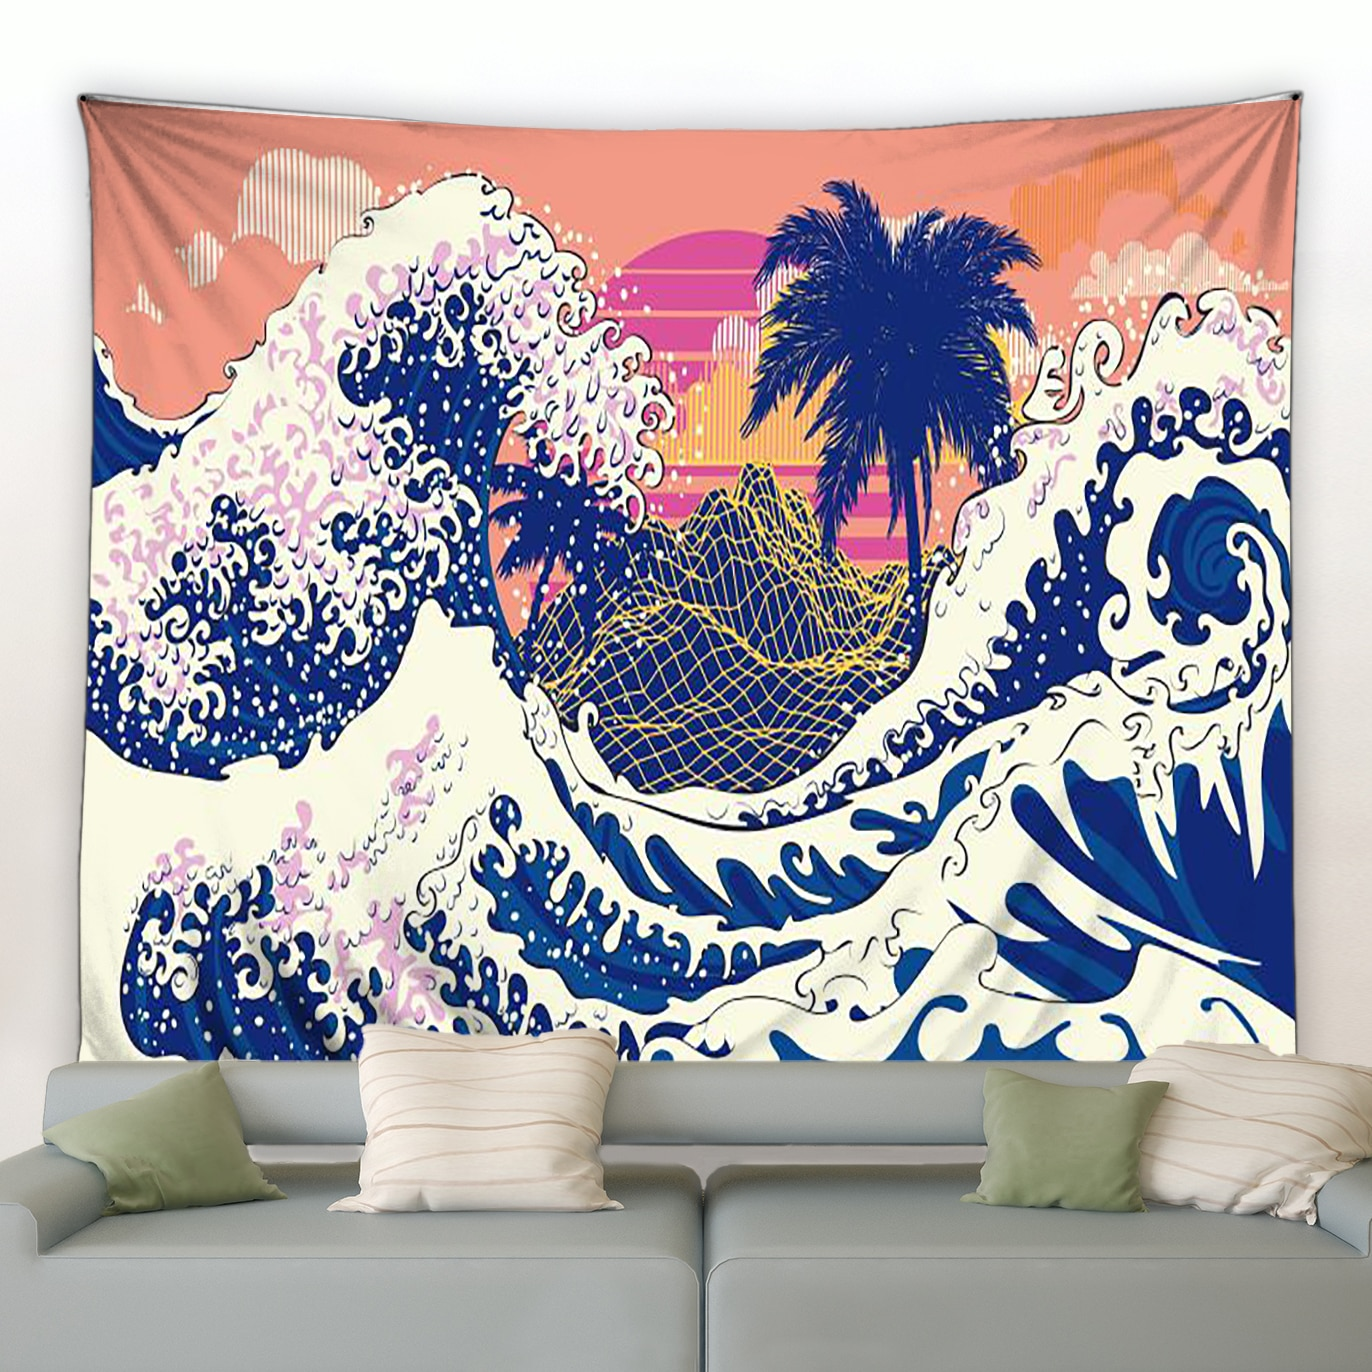 Настенный гобелен ручной работы с рисунком, одеяло для спальни, гостиной, одеяло с закатом океанских волн, японские гобелены